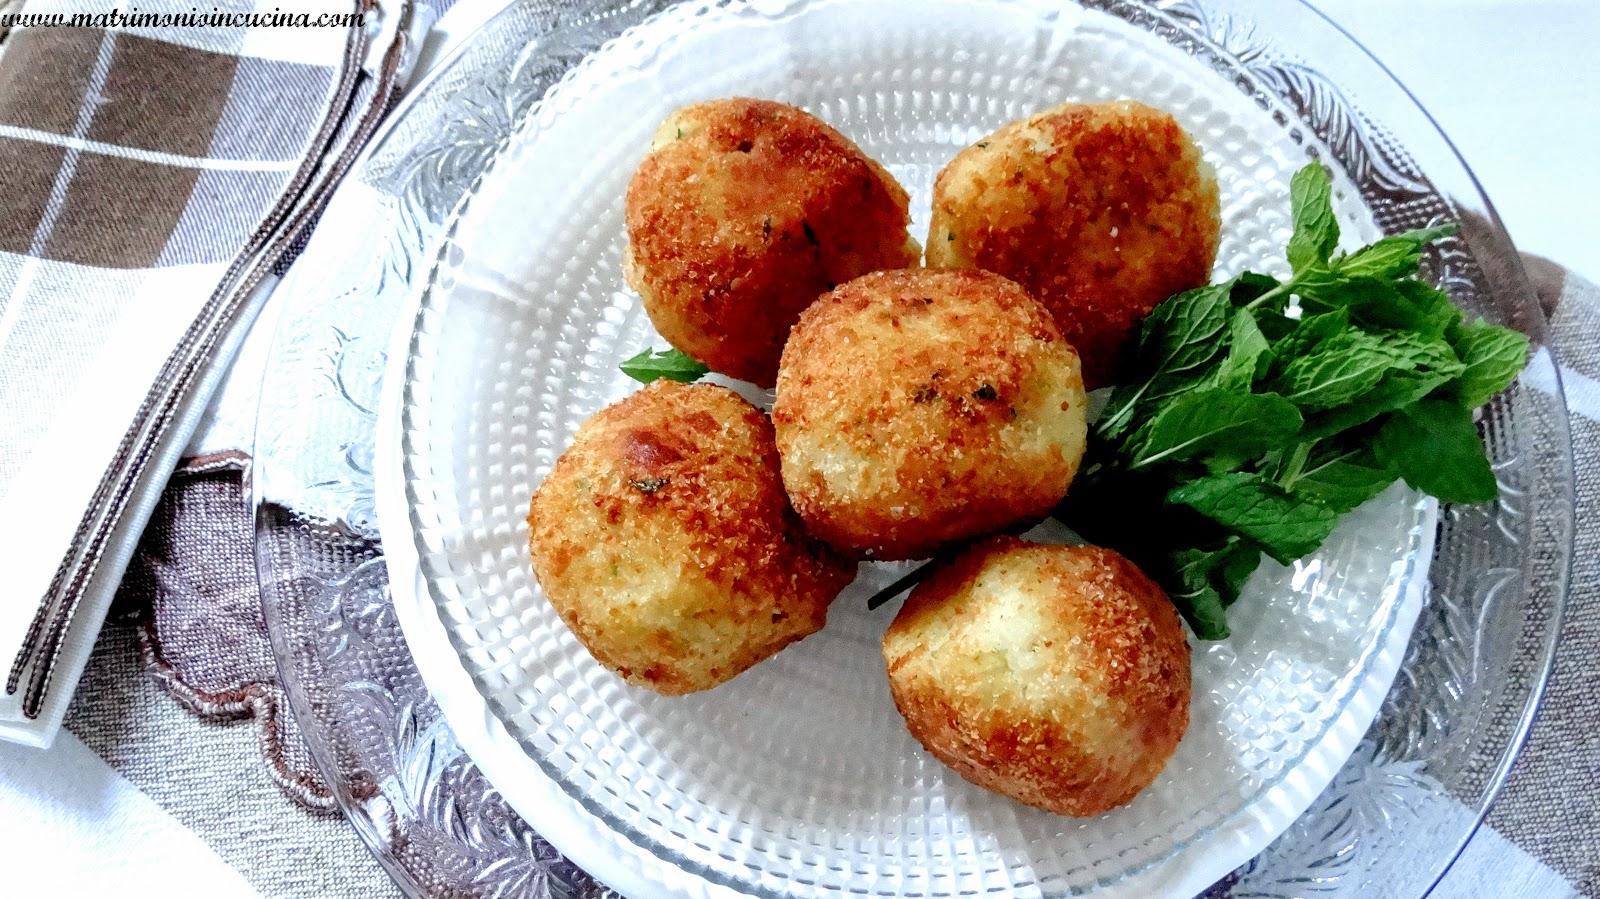 arancini di patate, ricotta, mozzarella ed erbette